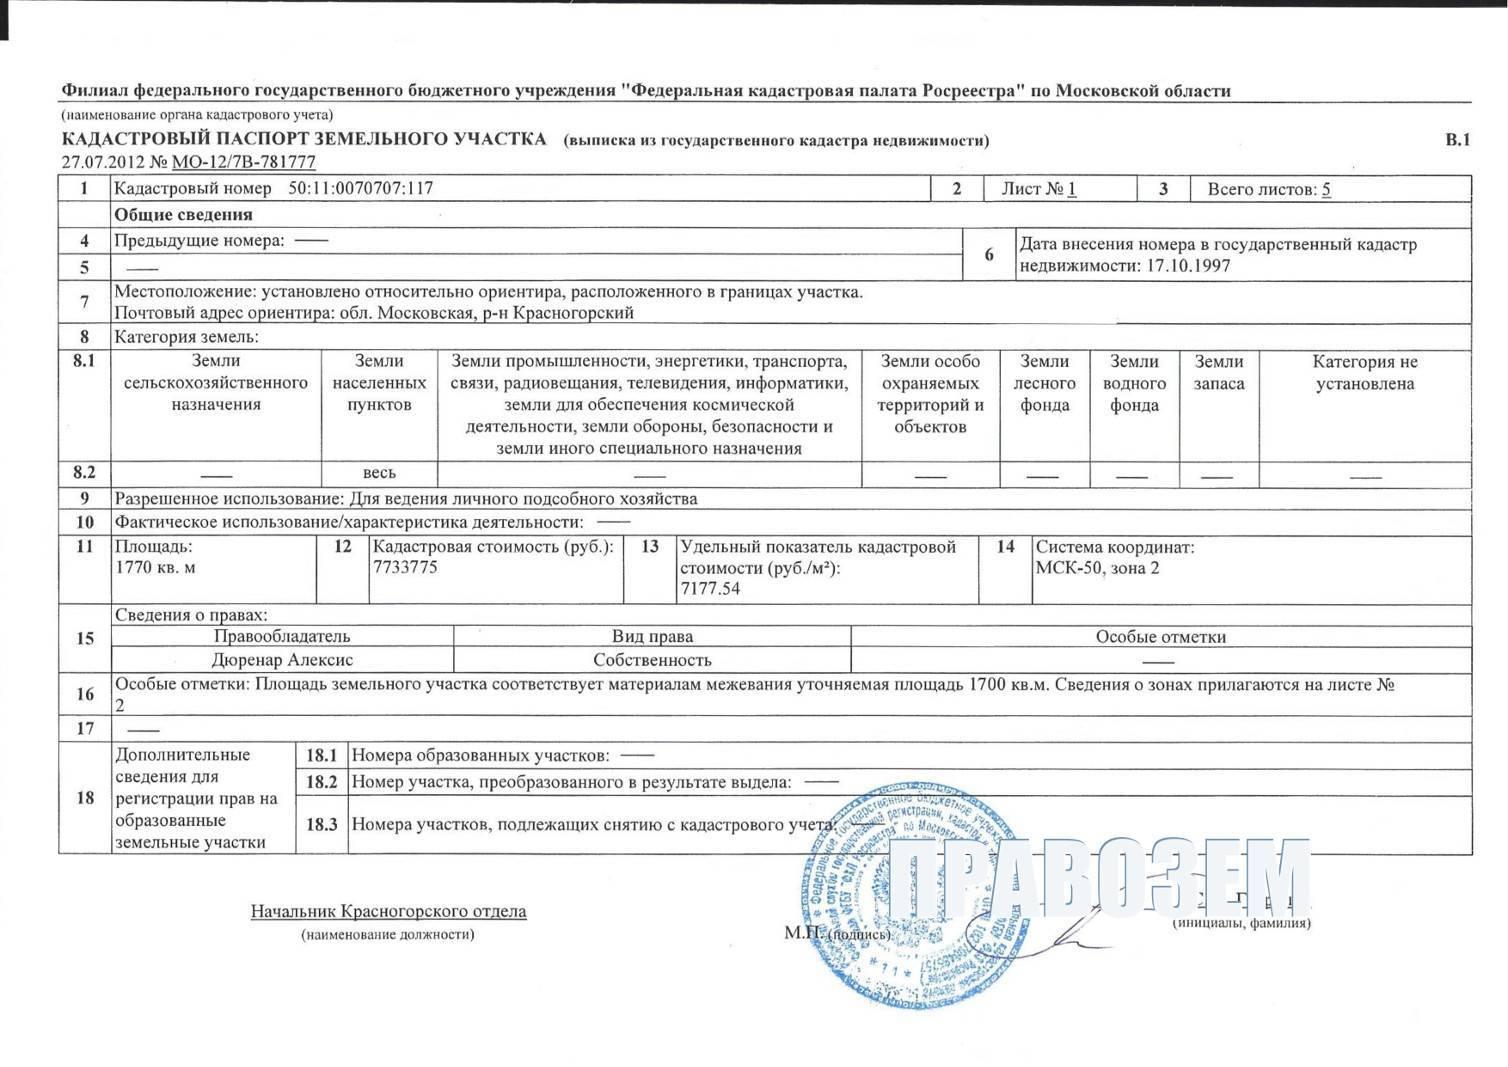 Какие документы нужны для получения кадастрового паспорта на землю: заявление на оформление земельного участка юрэксперт онлайн